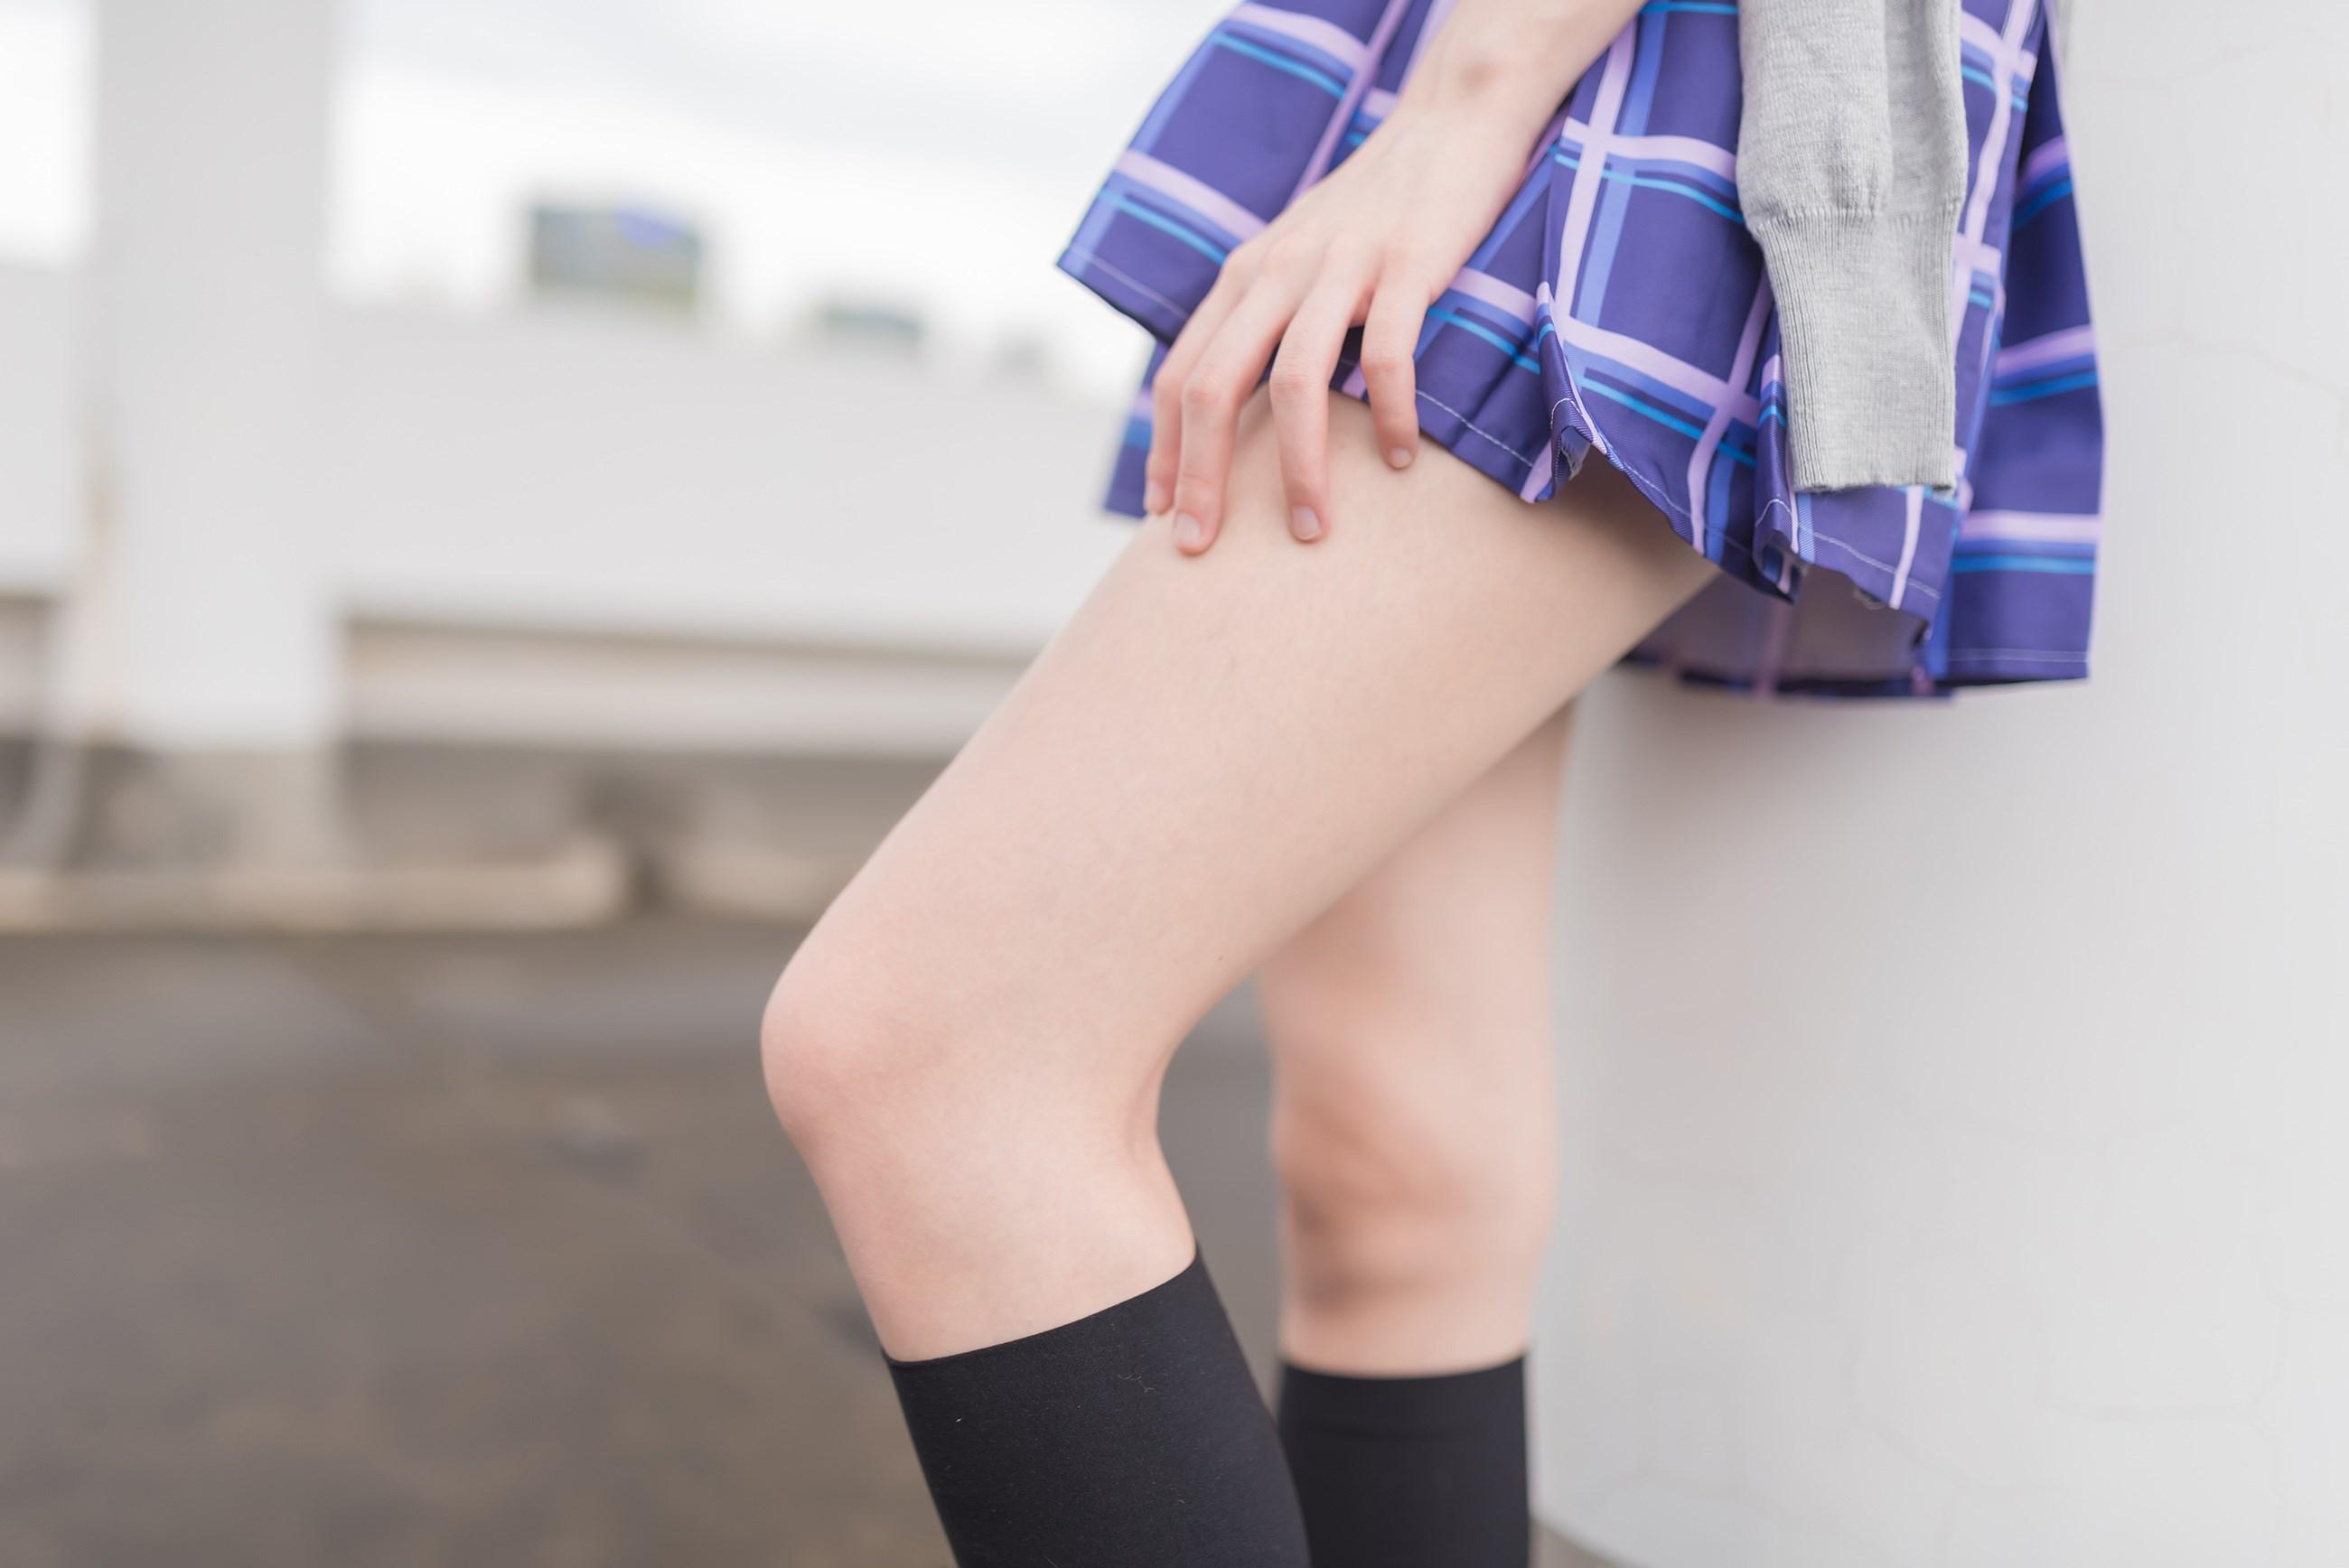 【兔玩映画】天台的蓝裙少女 兔玩映画 第10张